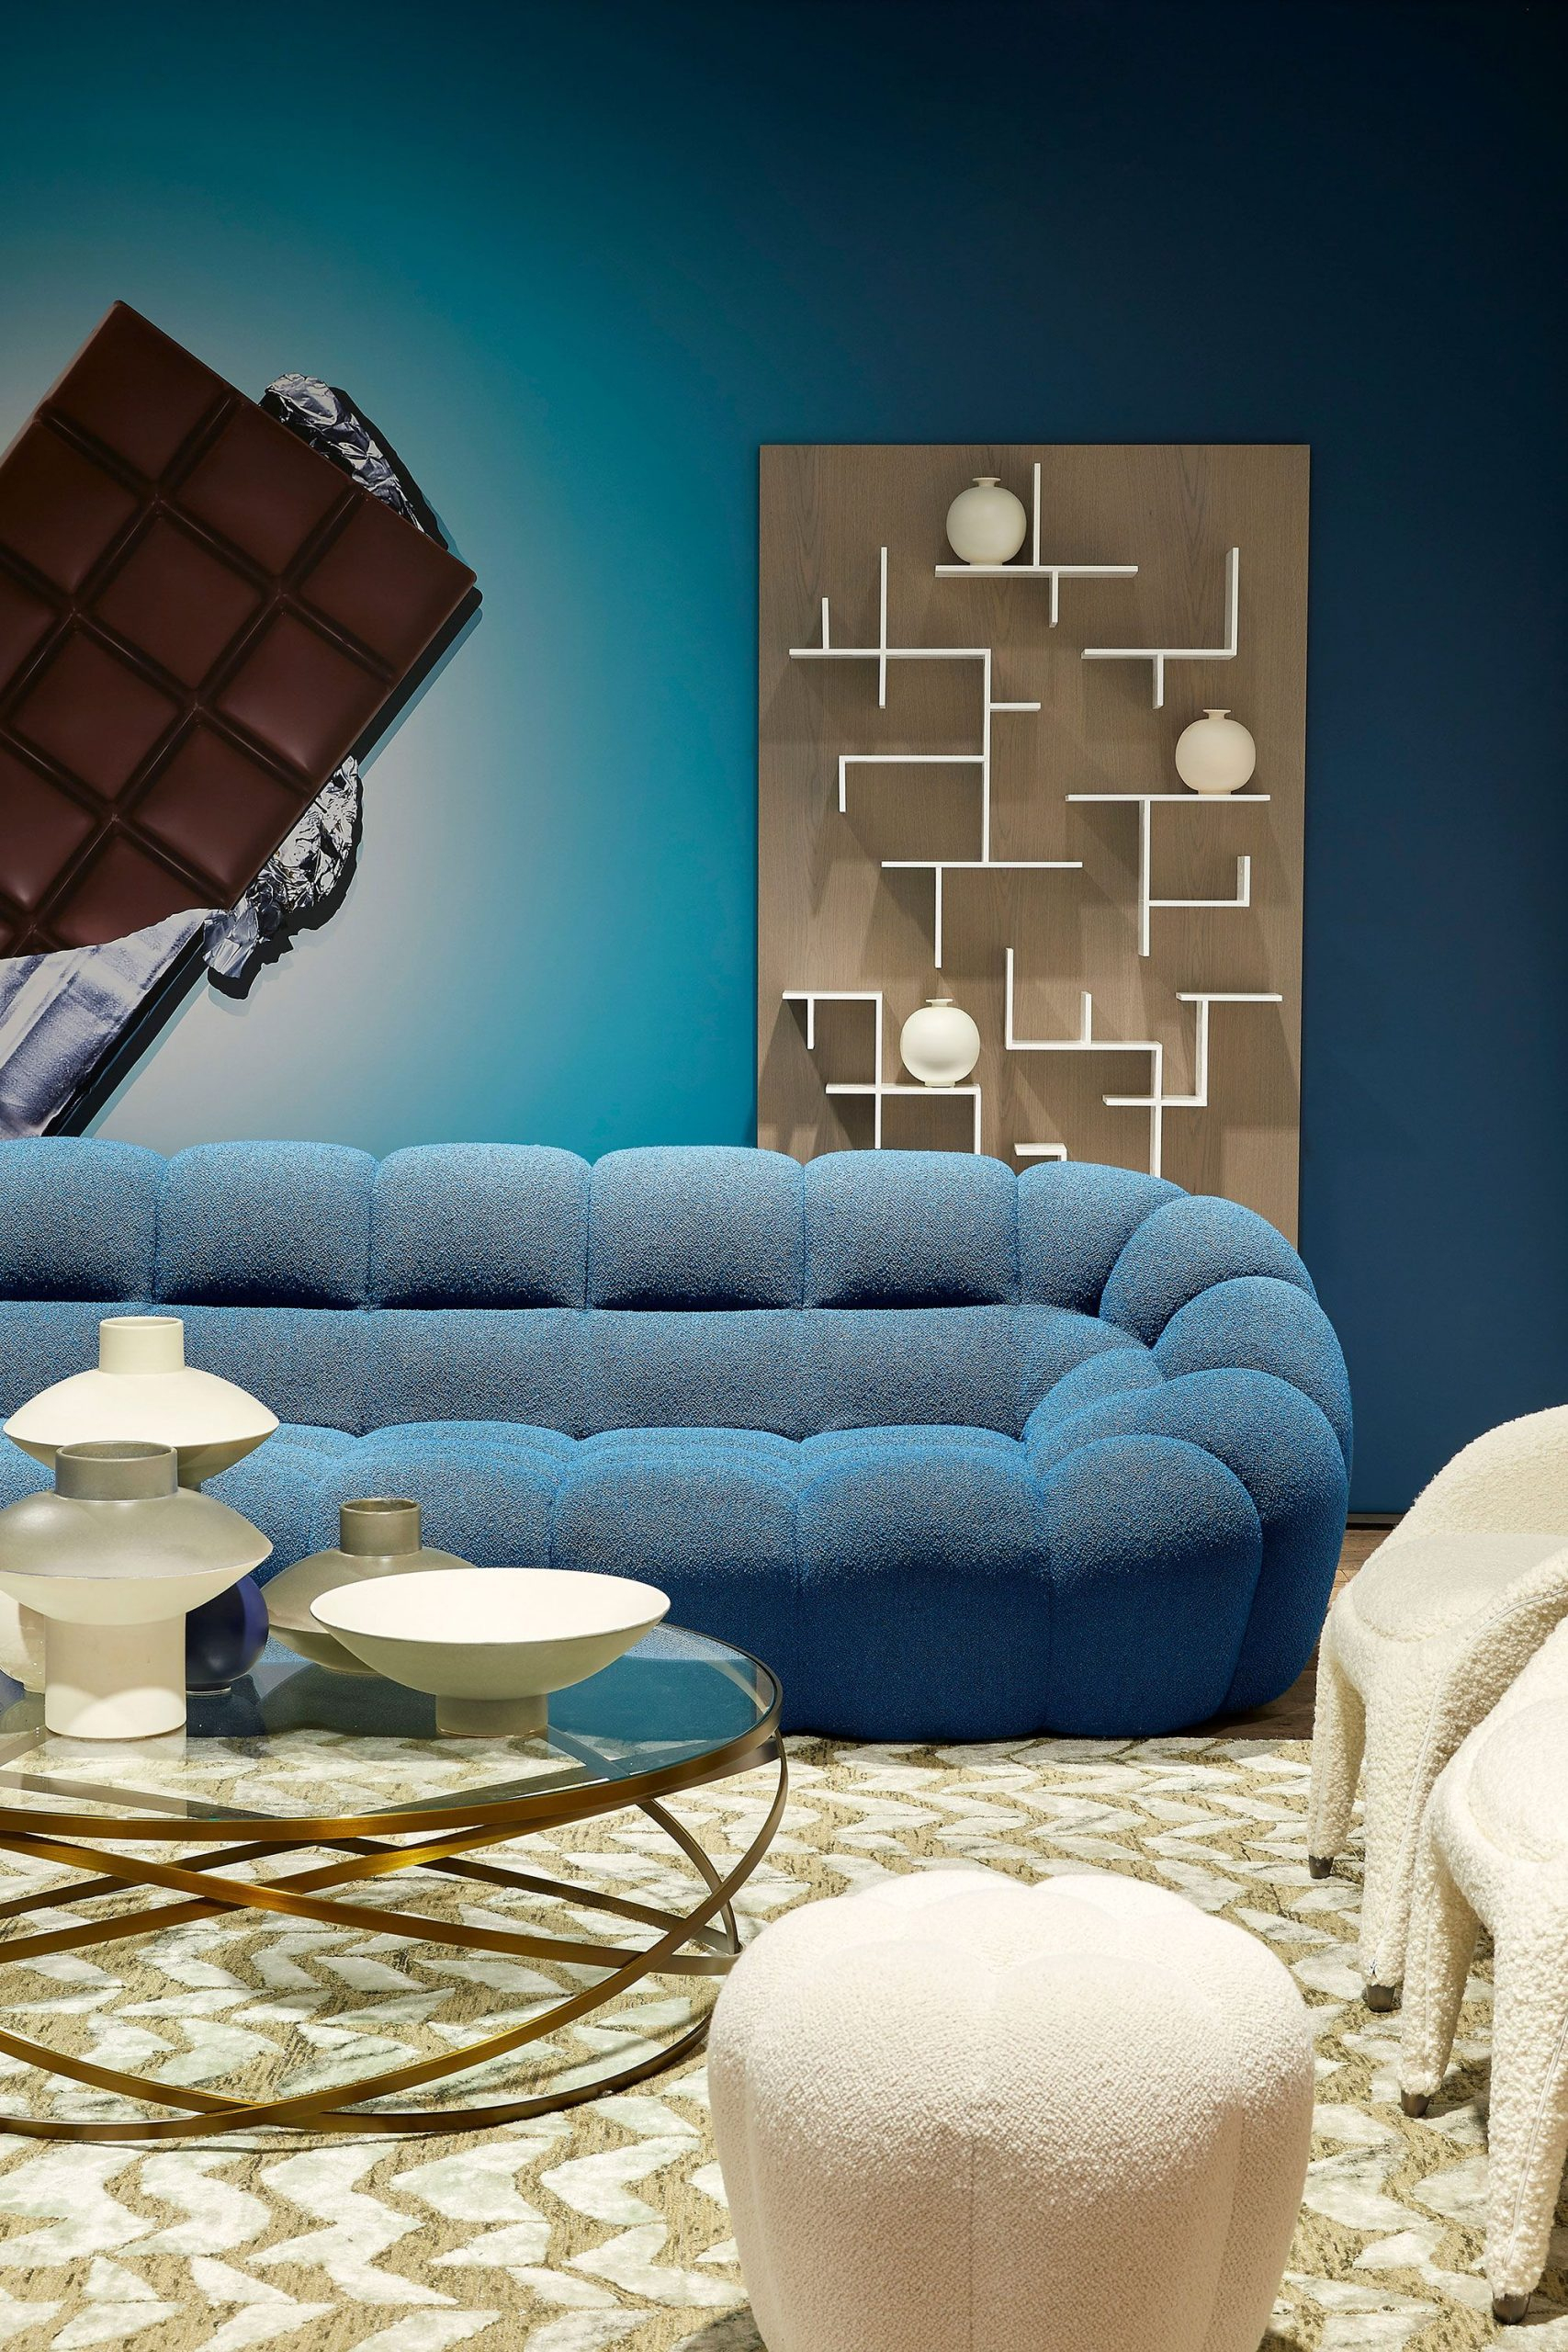 Idées Fauteuil Relax Conforama   Palette-Chante.org intérieur Fauteuil Relax Design Roche Bobois